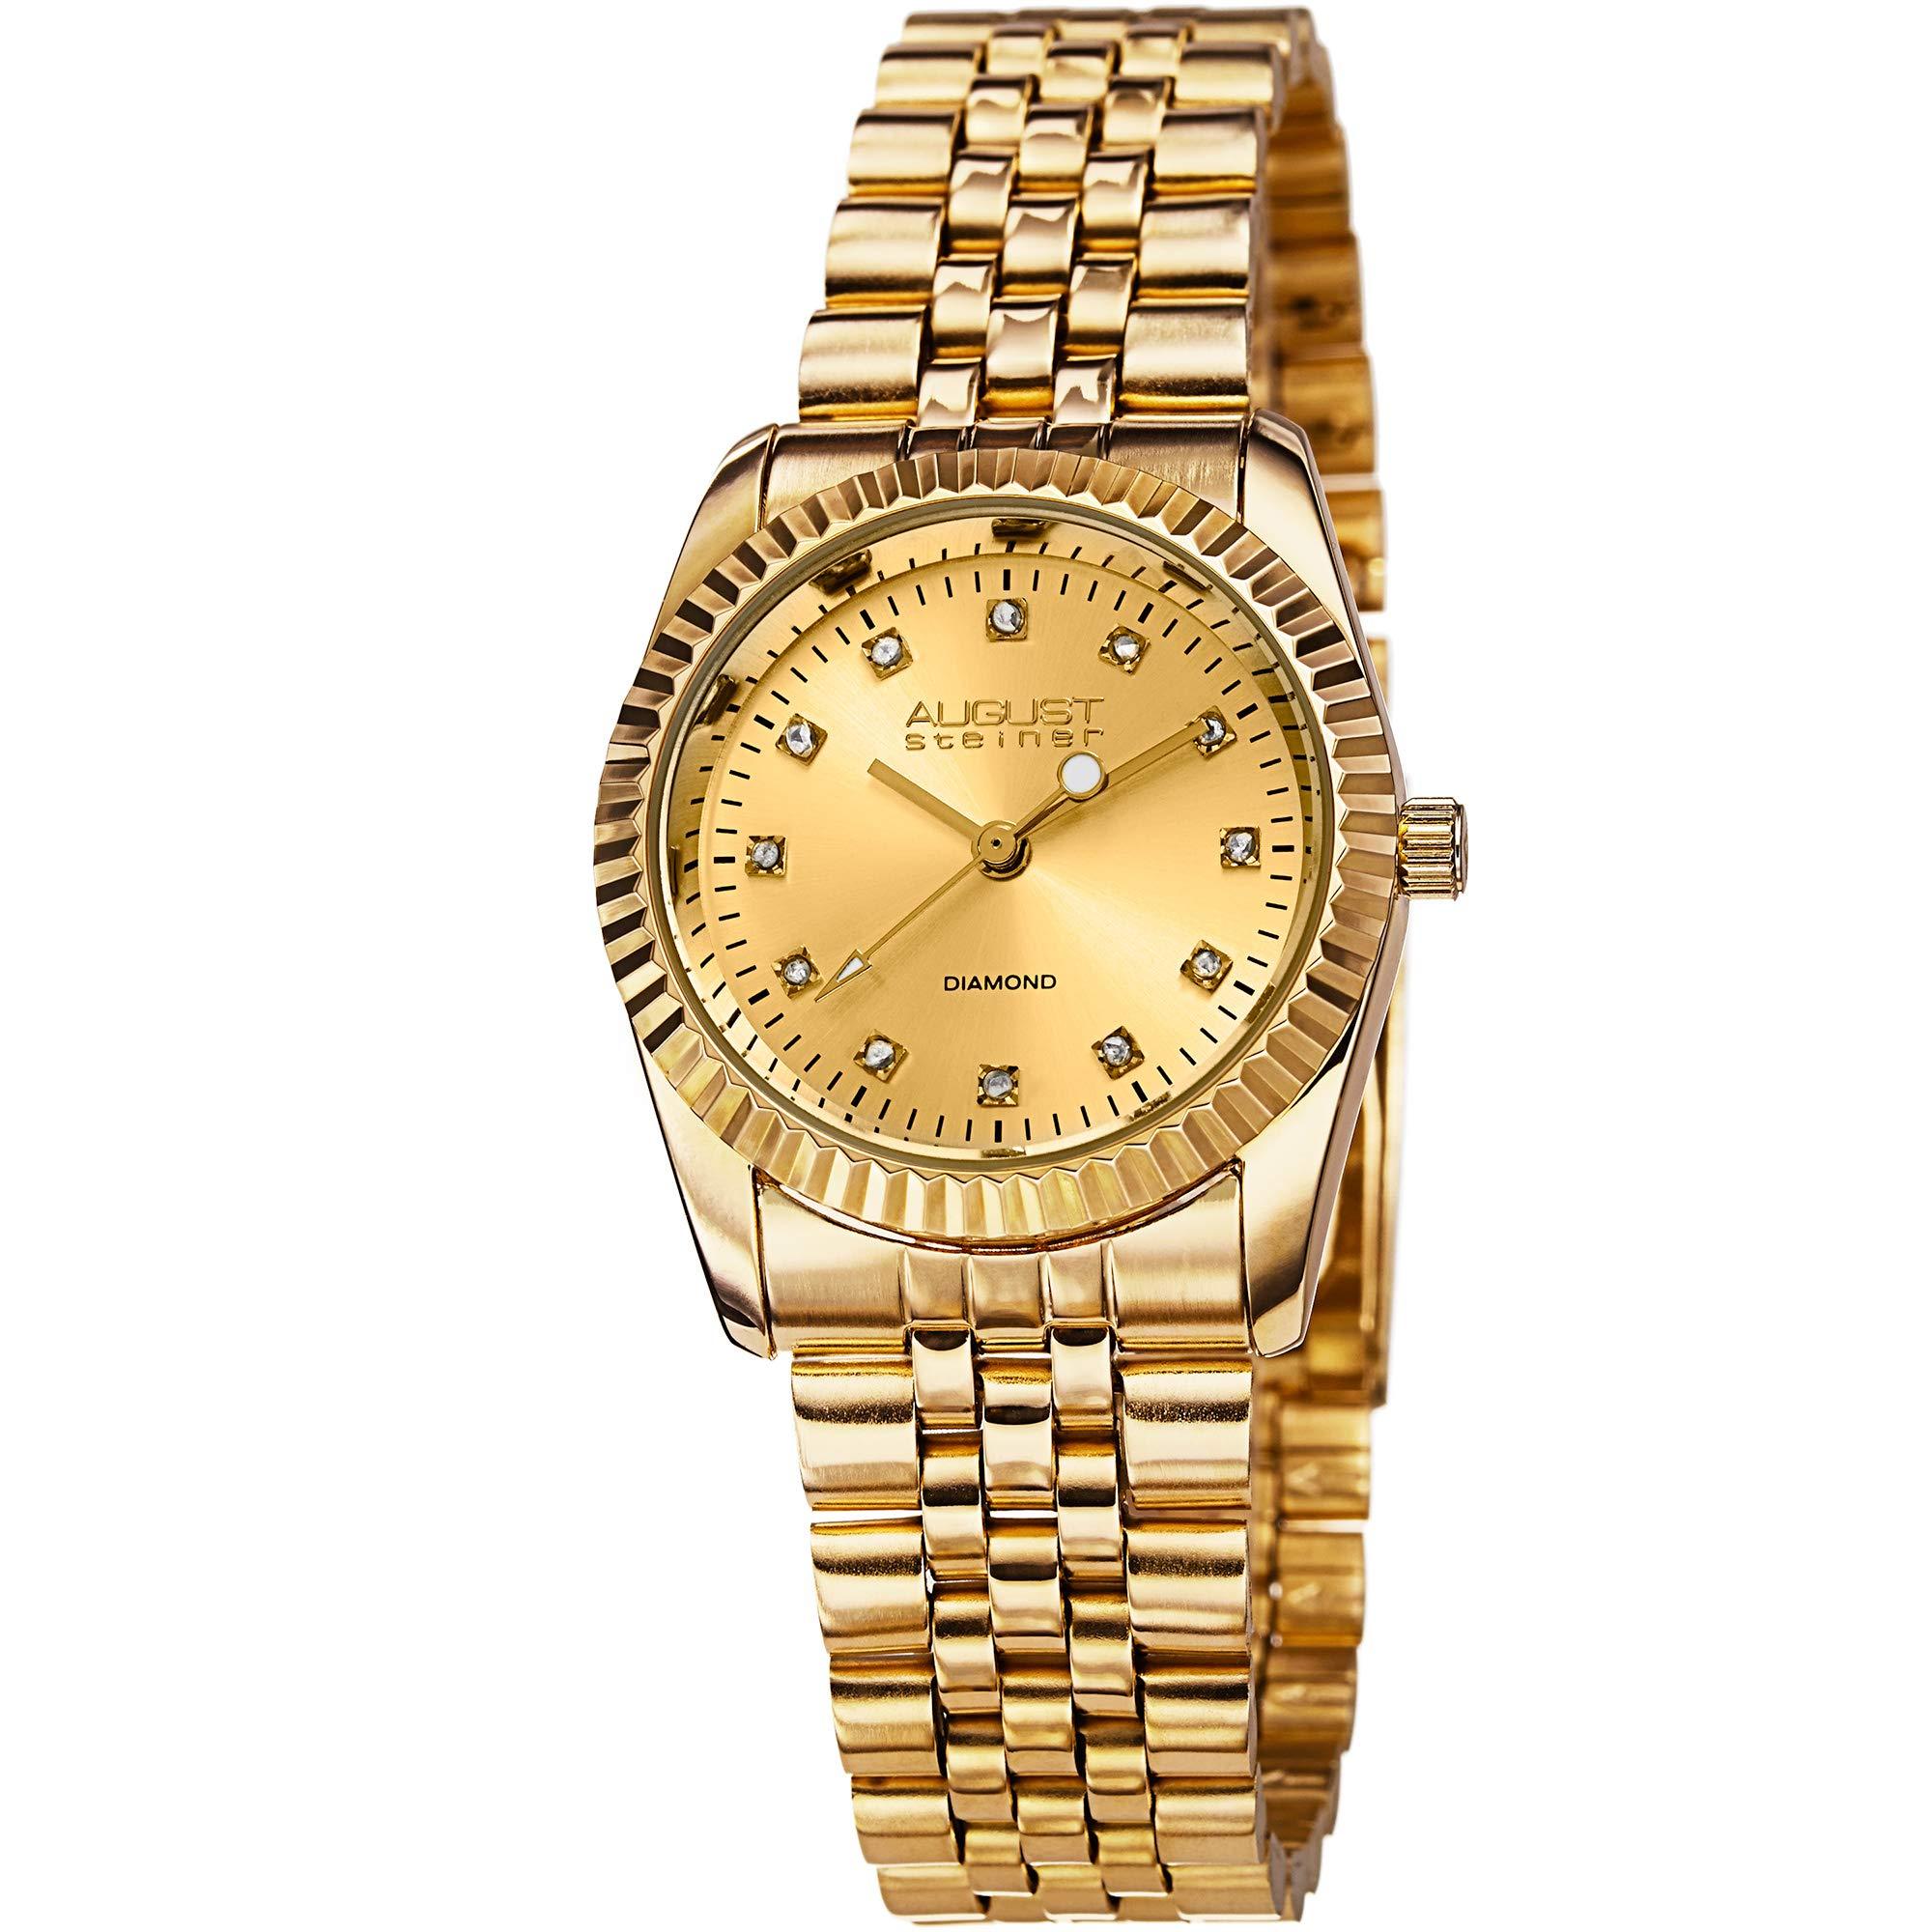 August Steiner 经典女士手表 - 12 个正品钻石小时记号笔 - 不锈钢表链上的硬币边缘边框 - AS8046